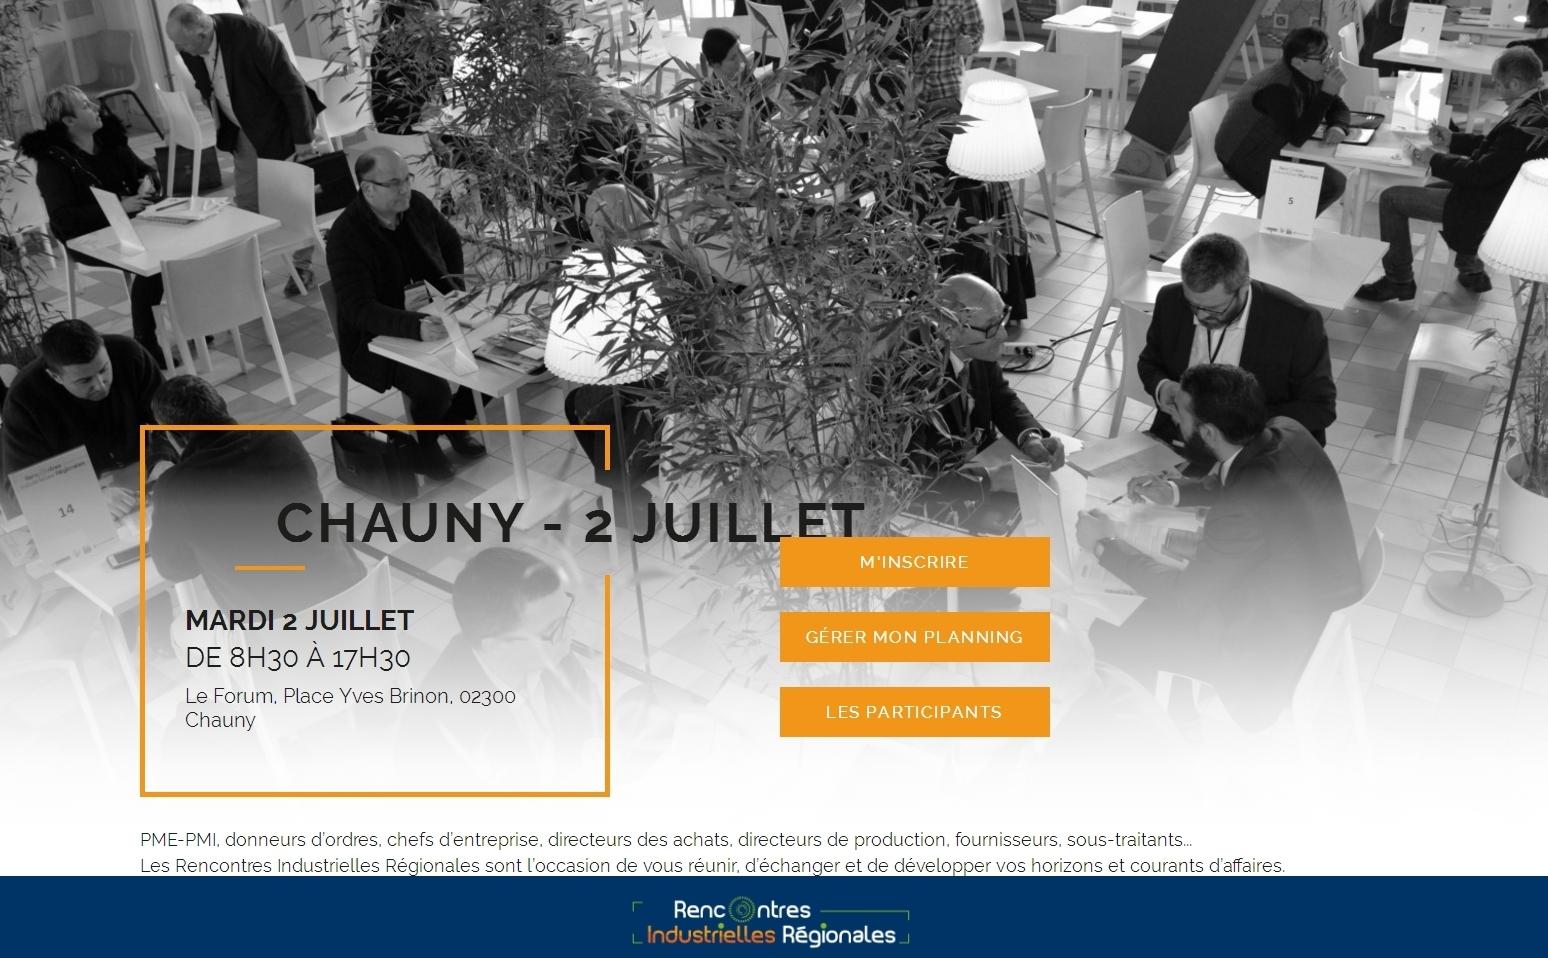 RIR Chauny 2019